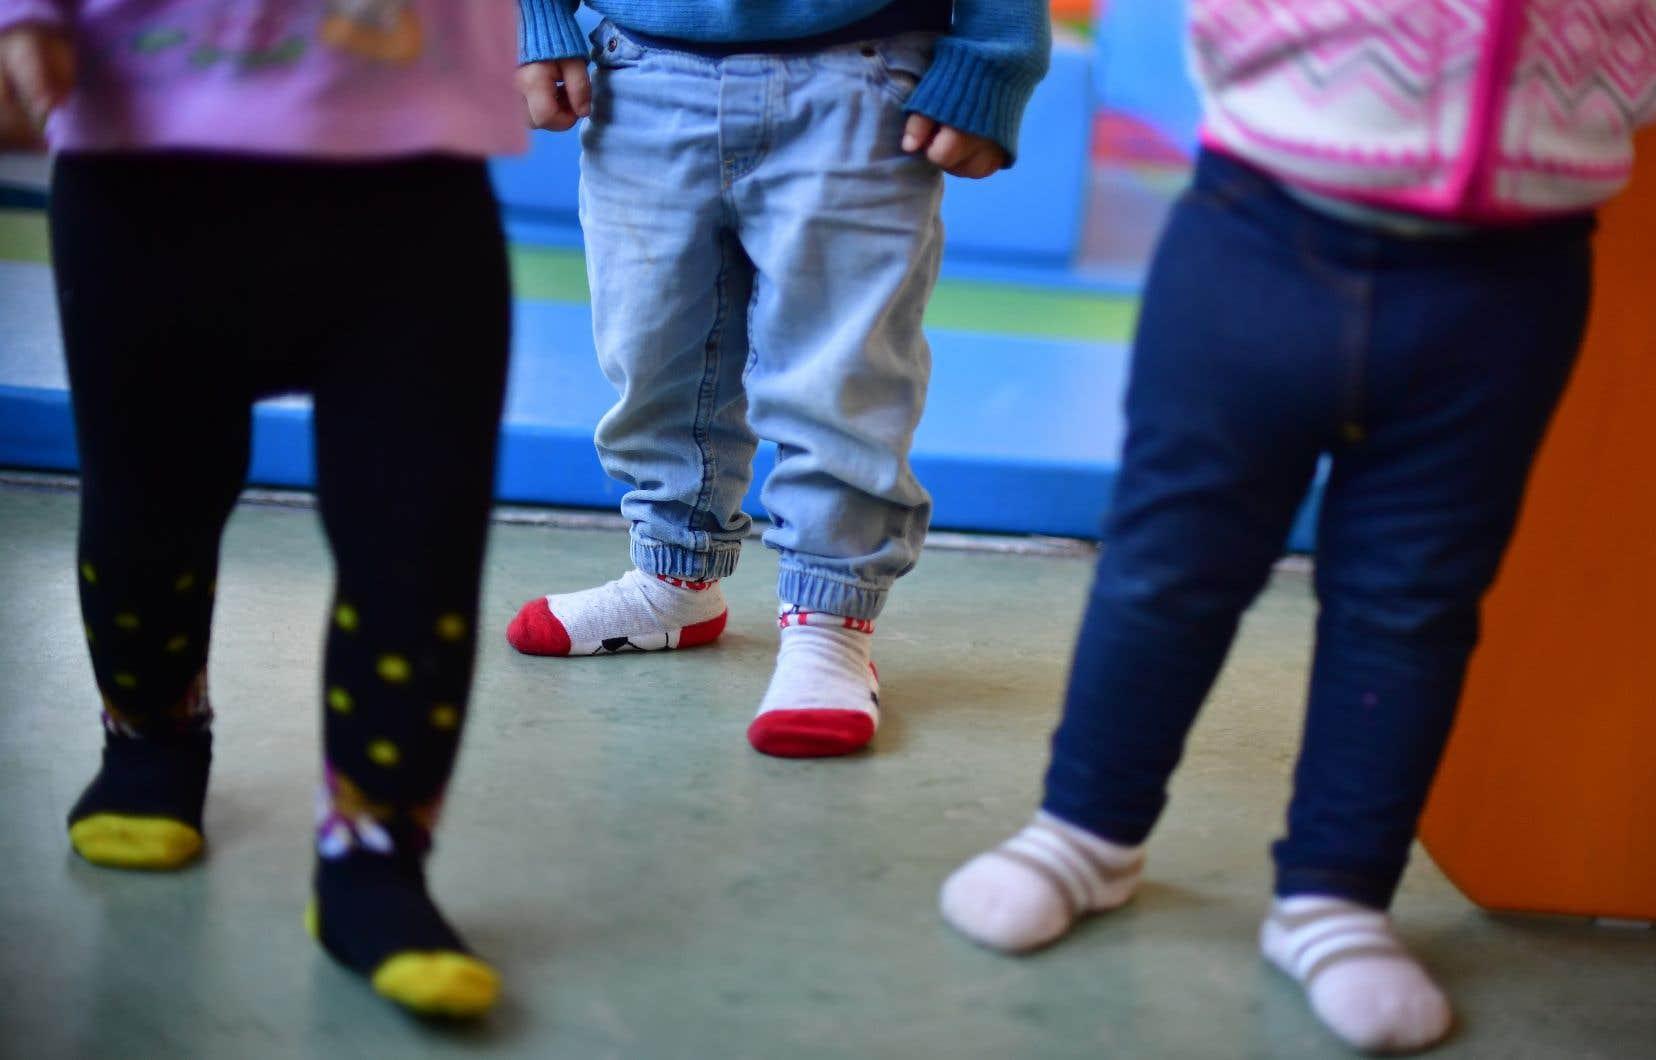 Les garderies vont transmettre à la commission scolaire les rapports d'évaluation de tous les enfants de 4ans qui étaient sous leur responsabilité.